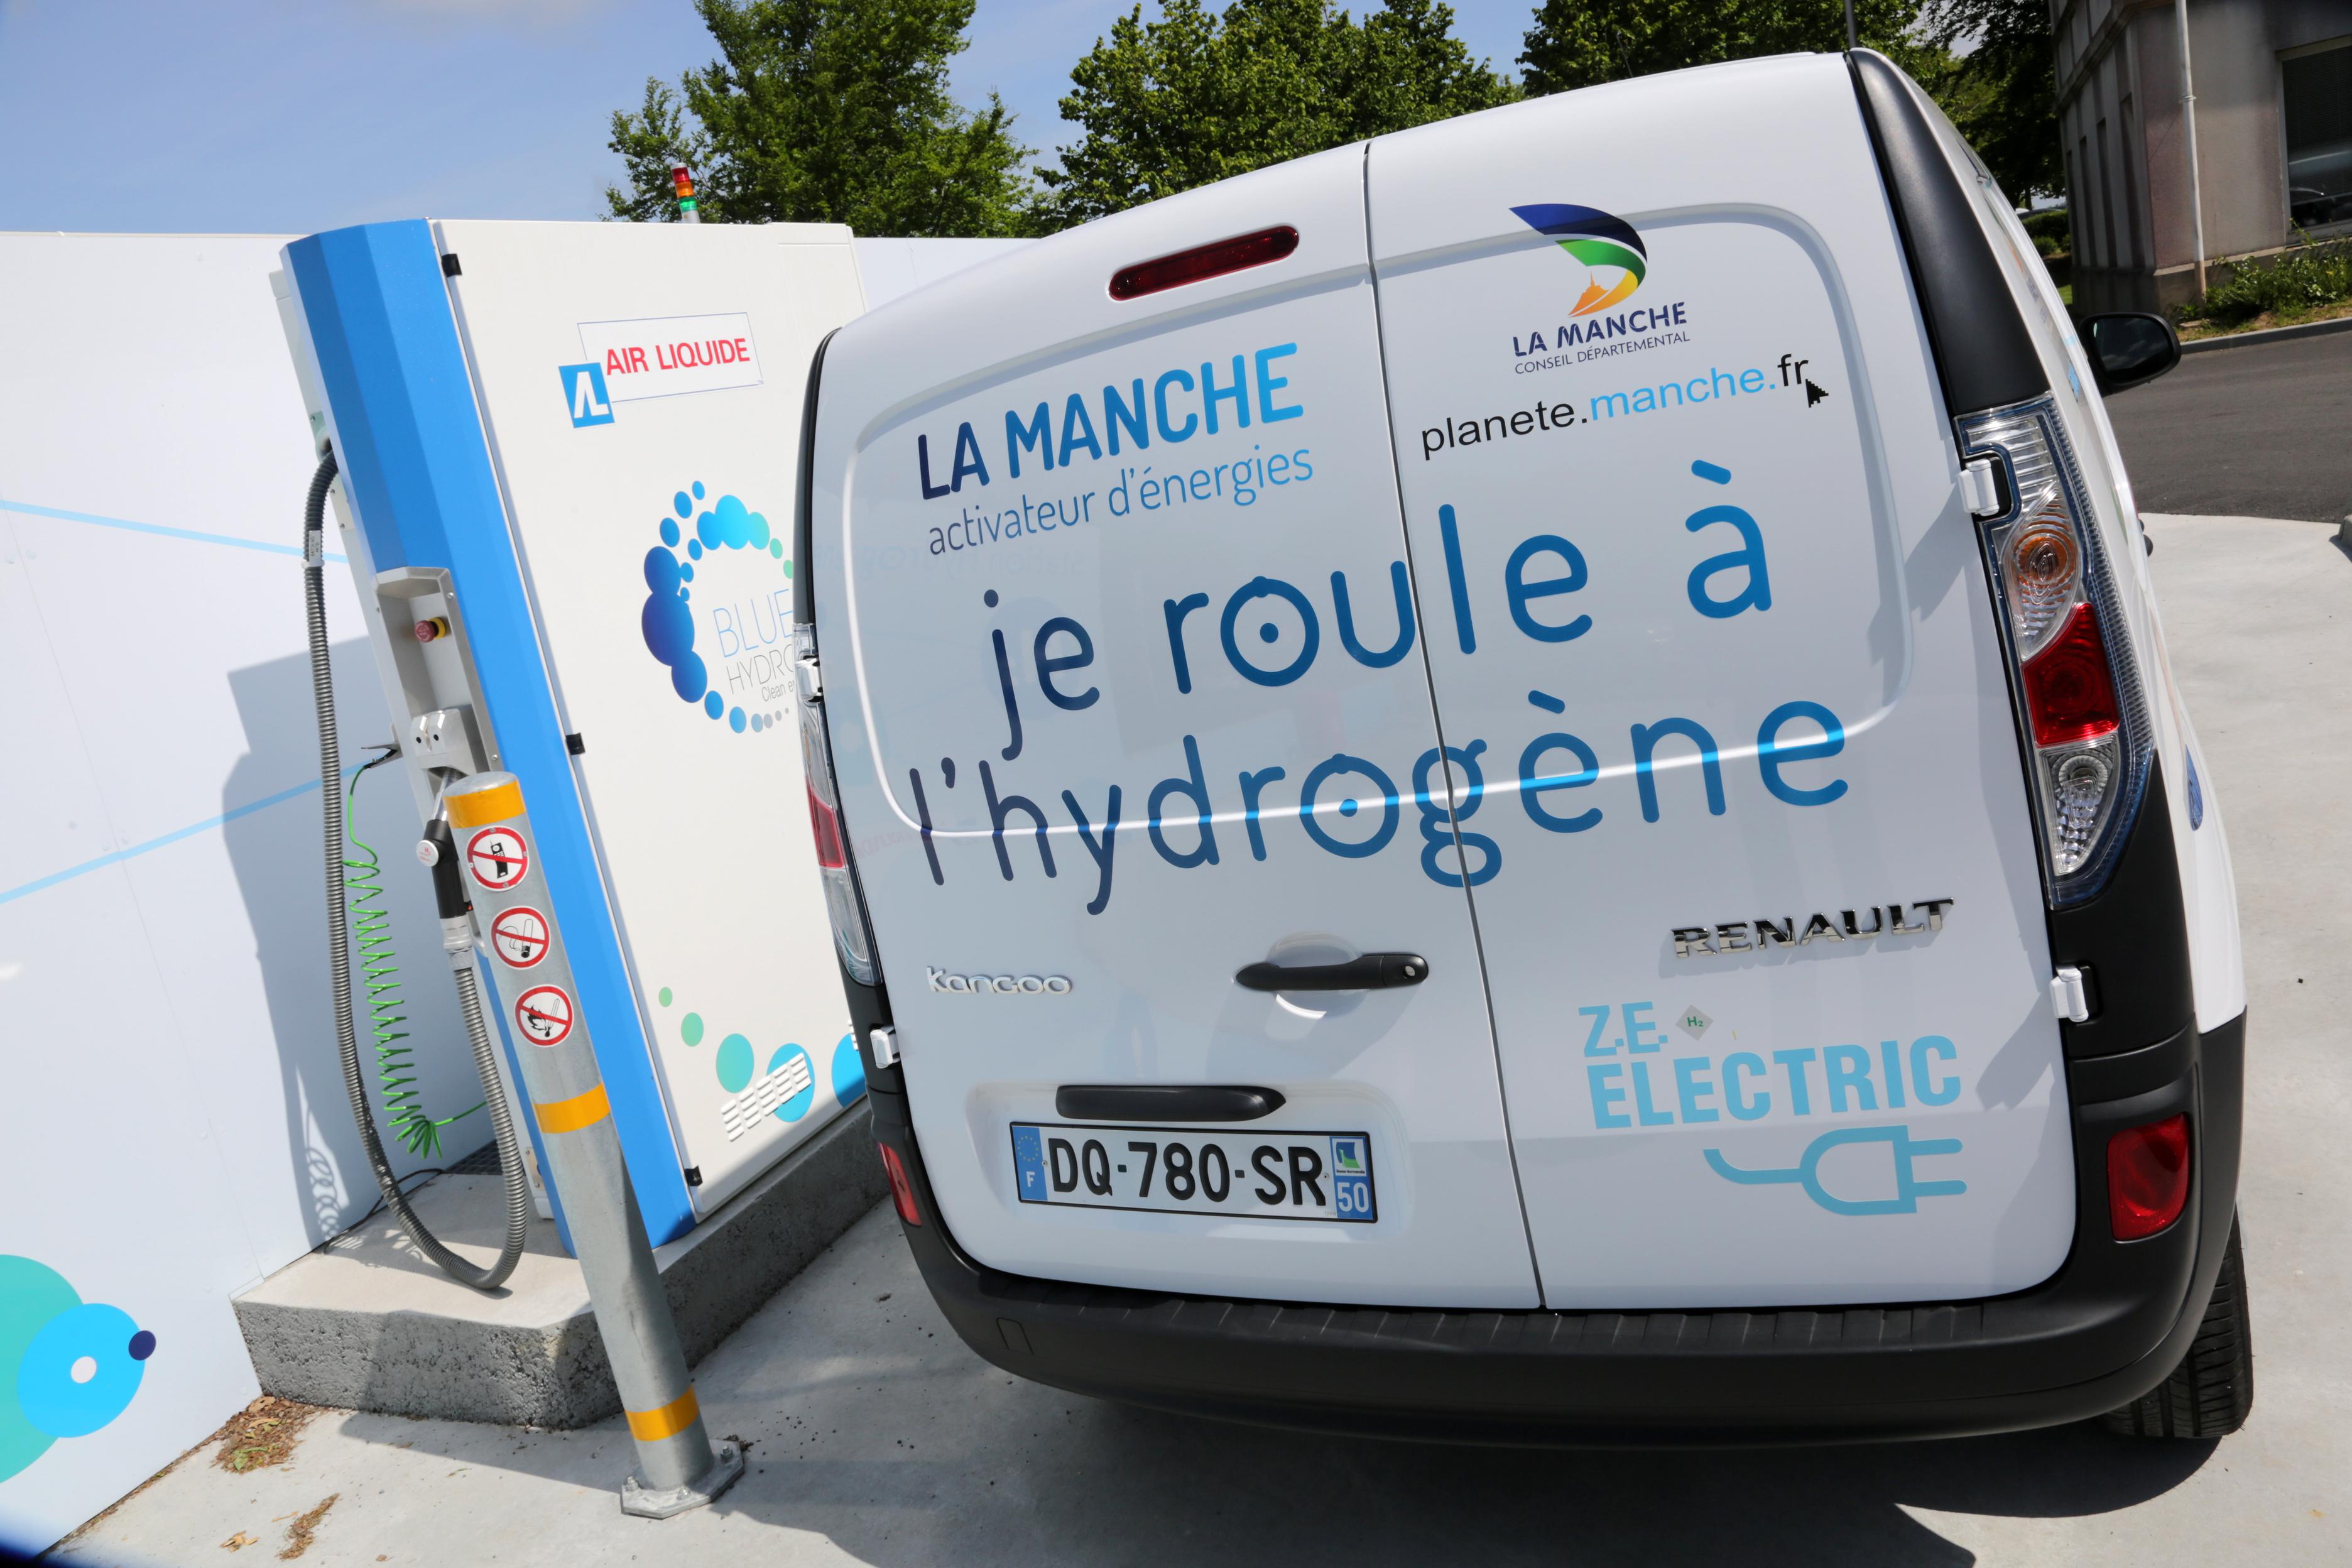 Voiture à hydrogène © Conseil Départemental de la Manche